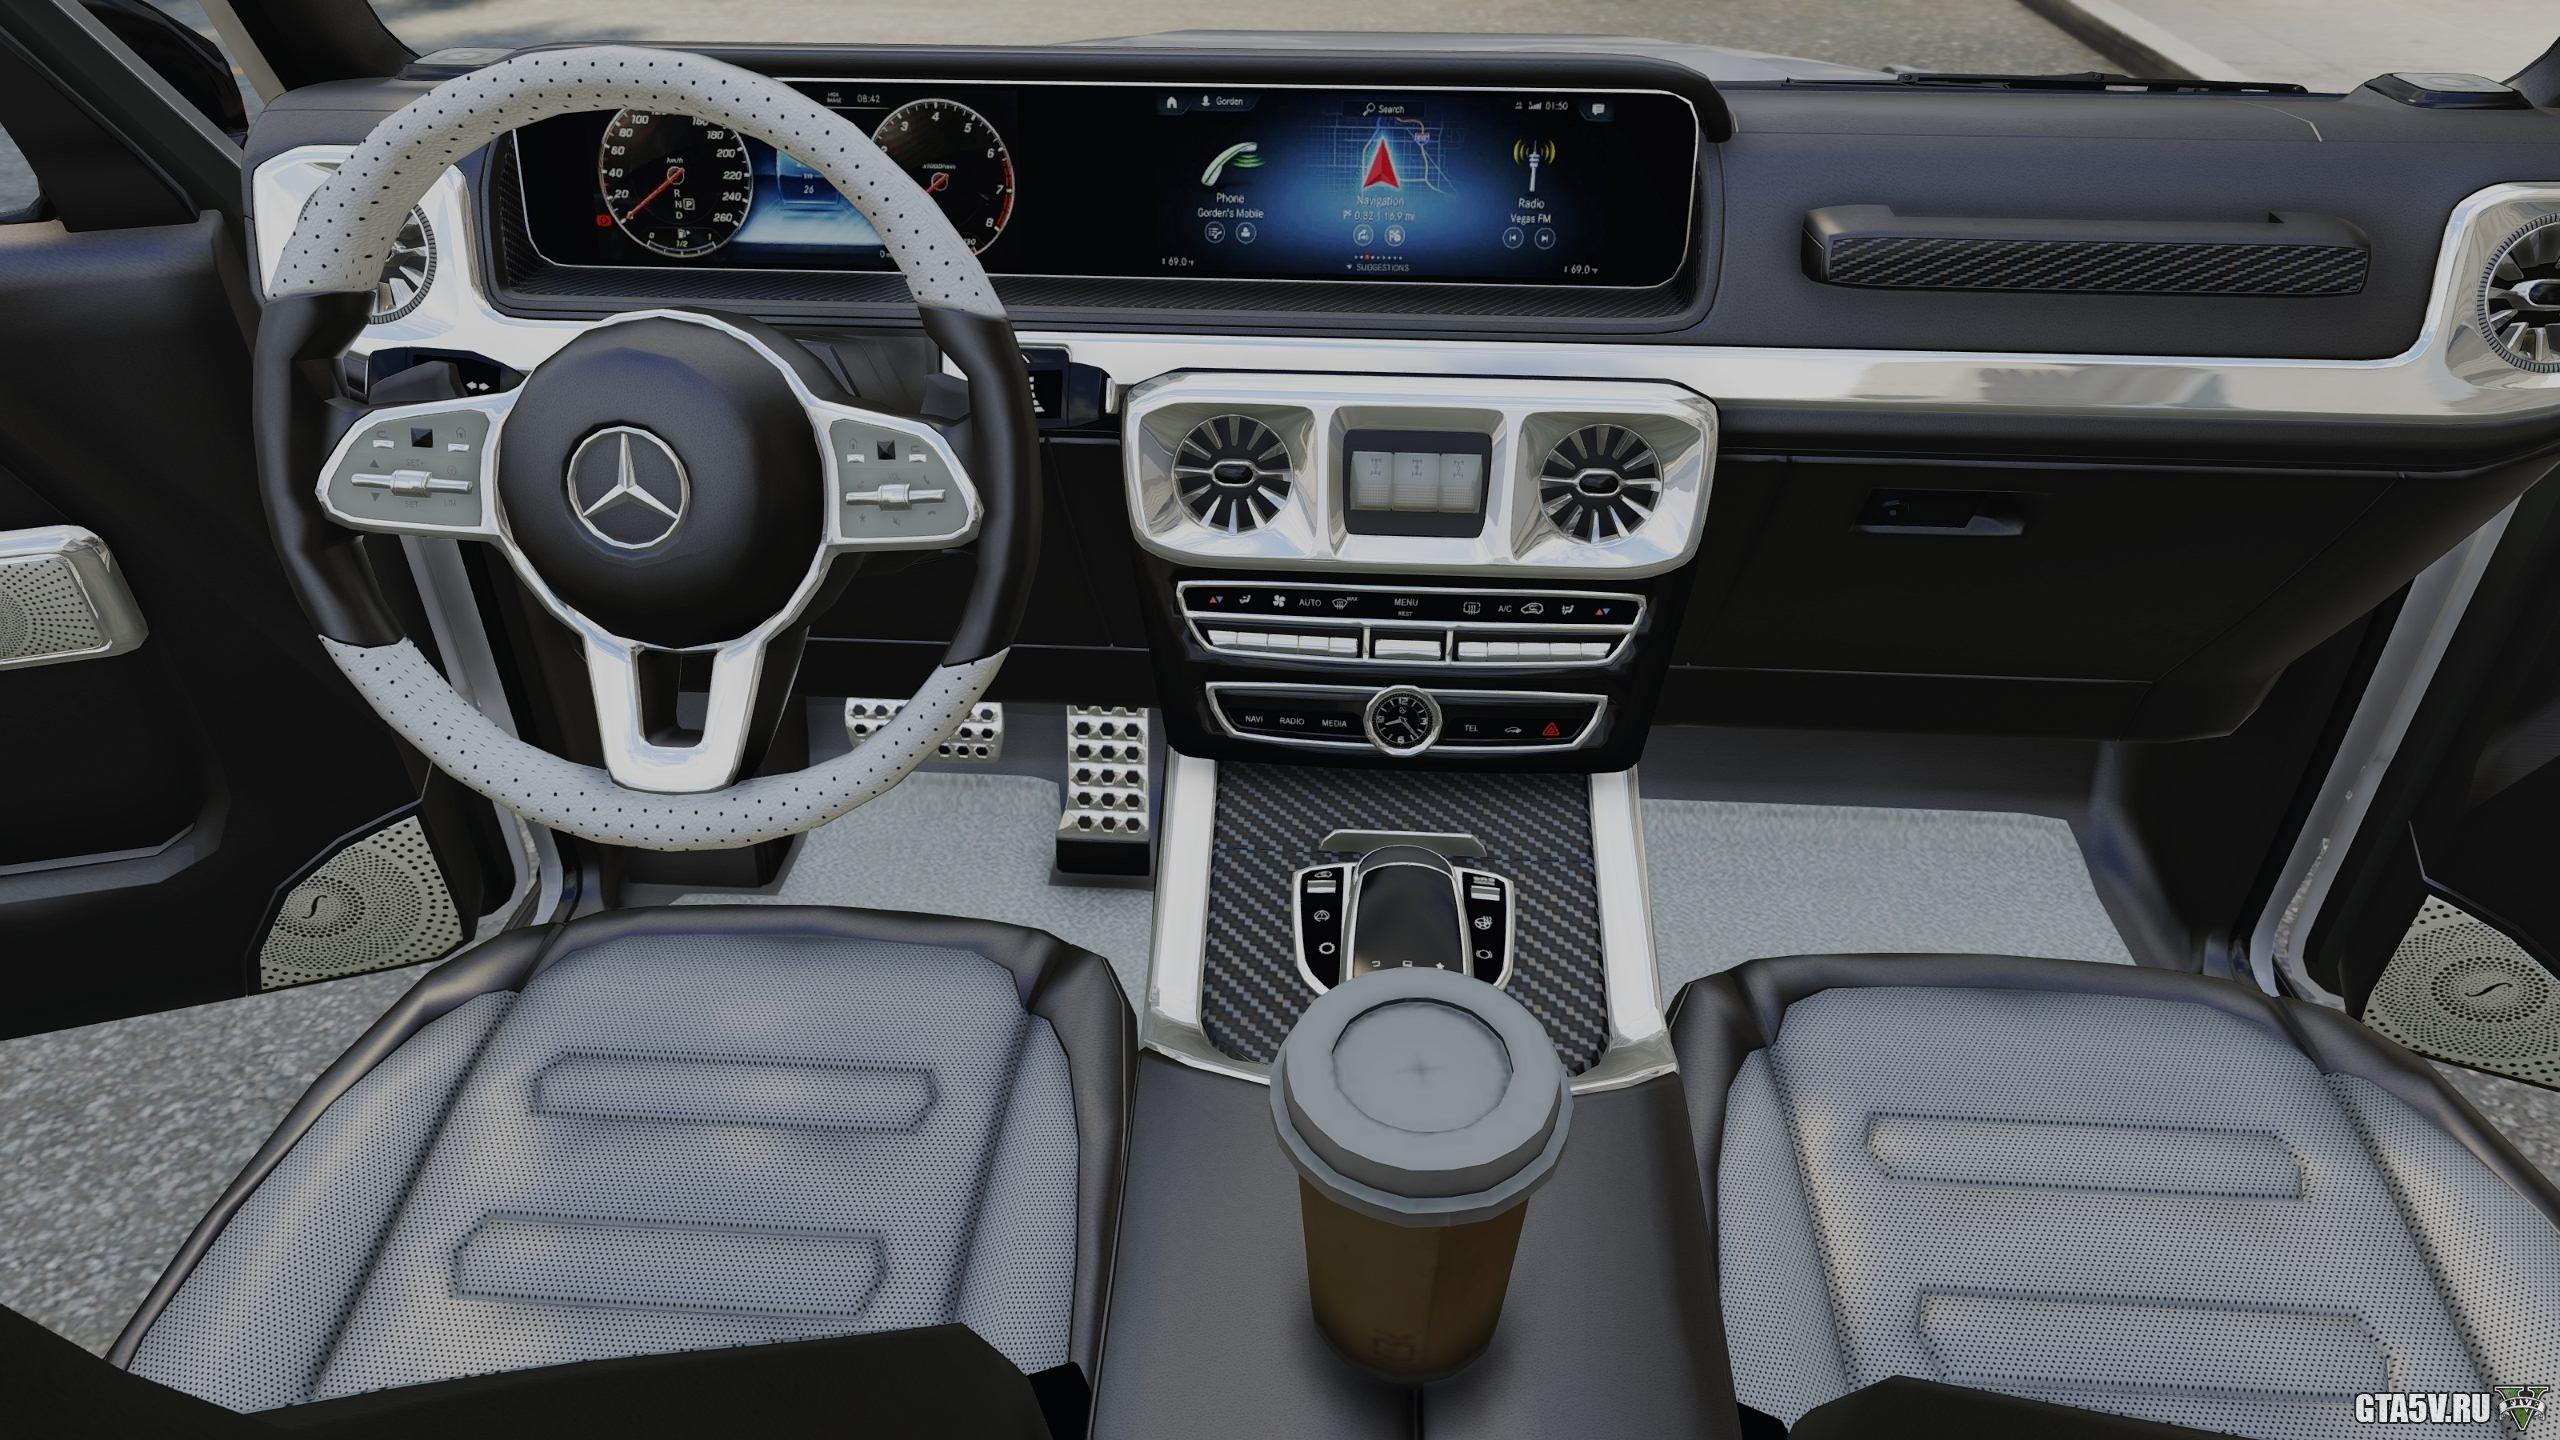 Mercedes-Benz G63 AMG (2019) — Гелик